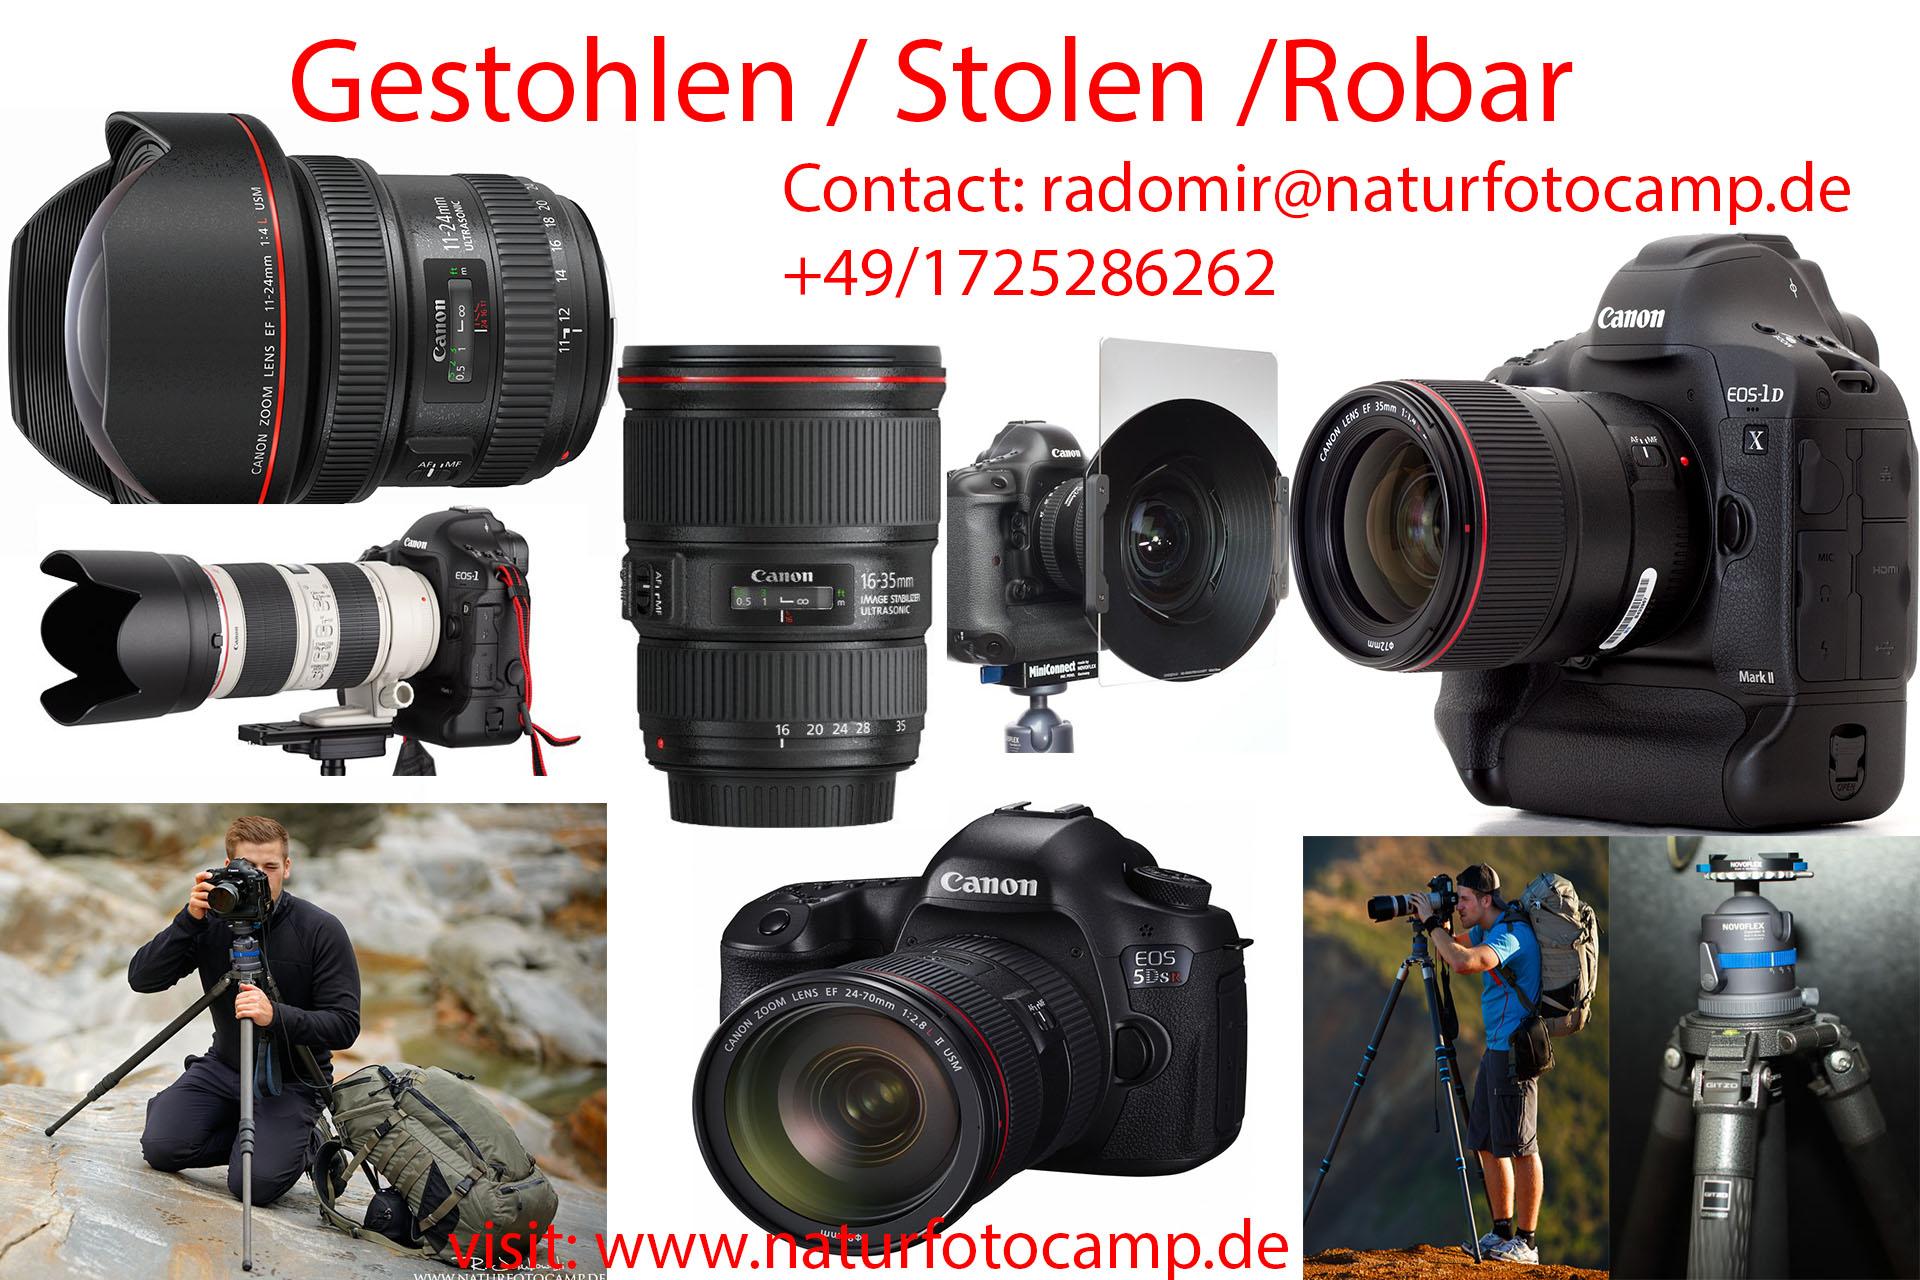 Mein Albtraum wurde wahr, meine gesamte Fotoausrüstung wurde gestohlen!